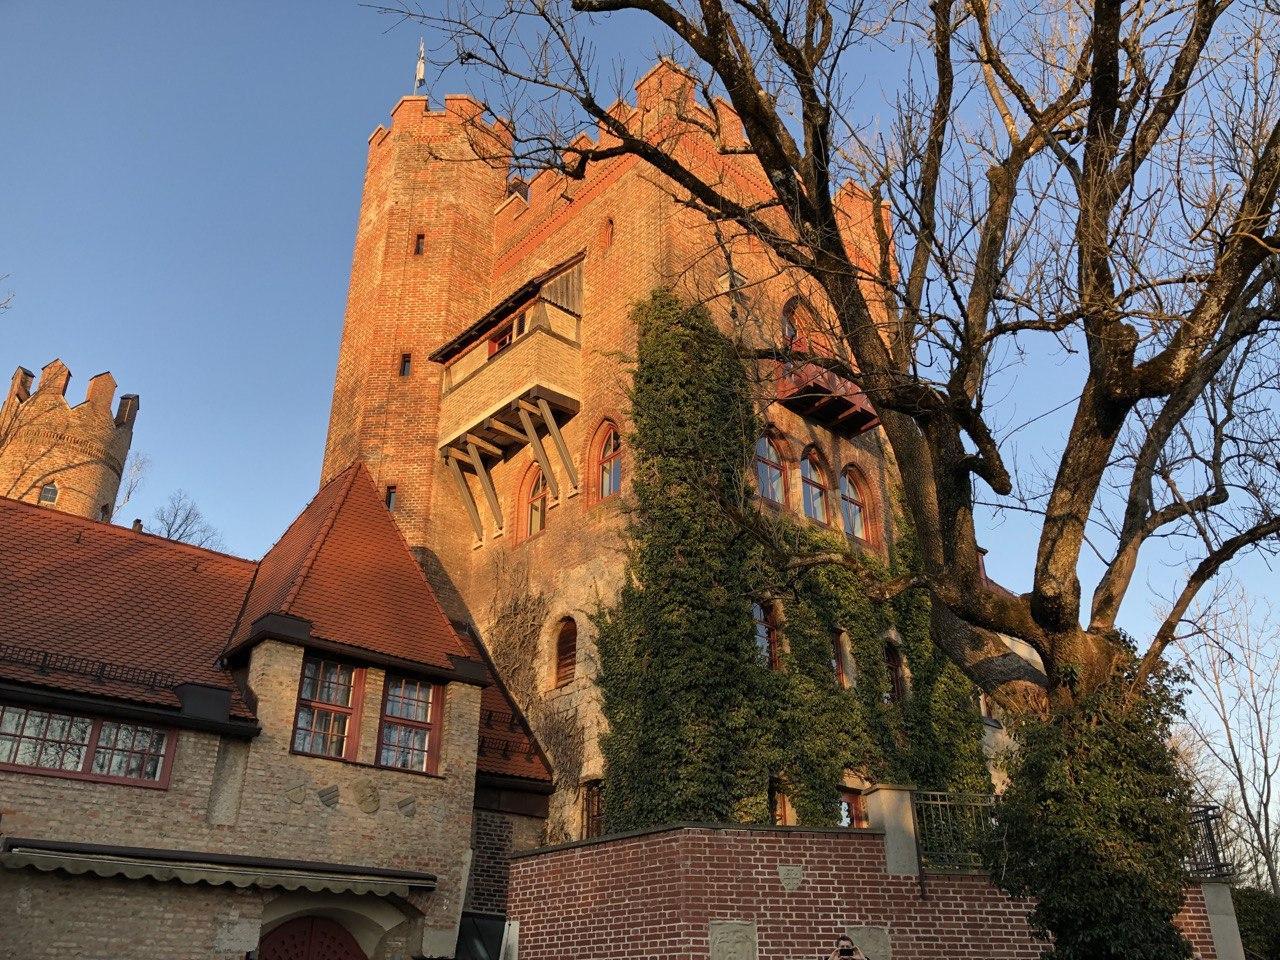 Вид на школу GLS, Munich Castle